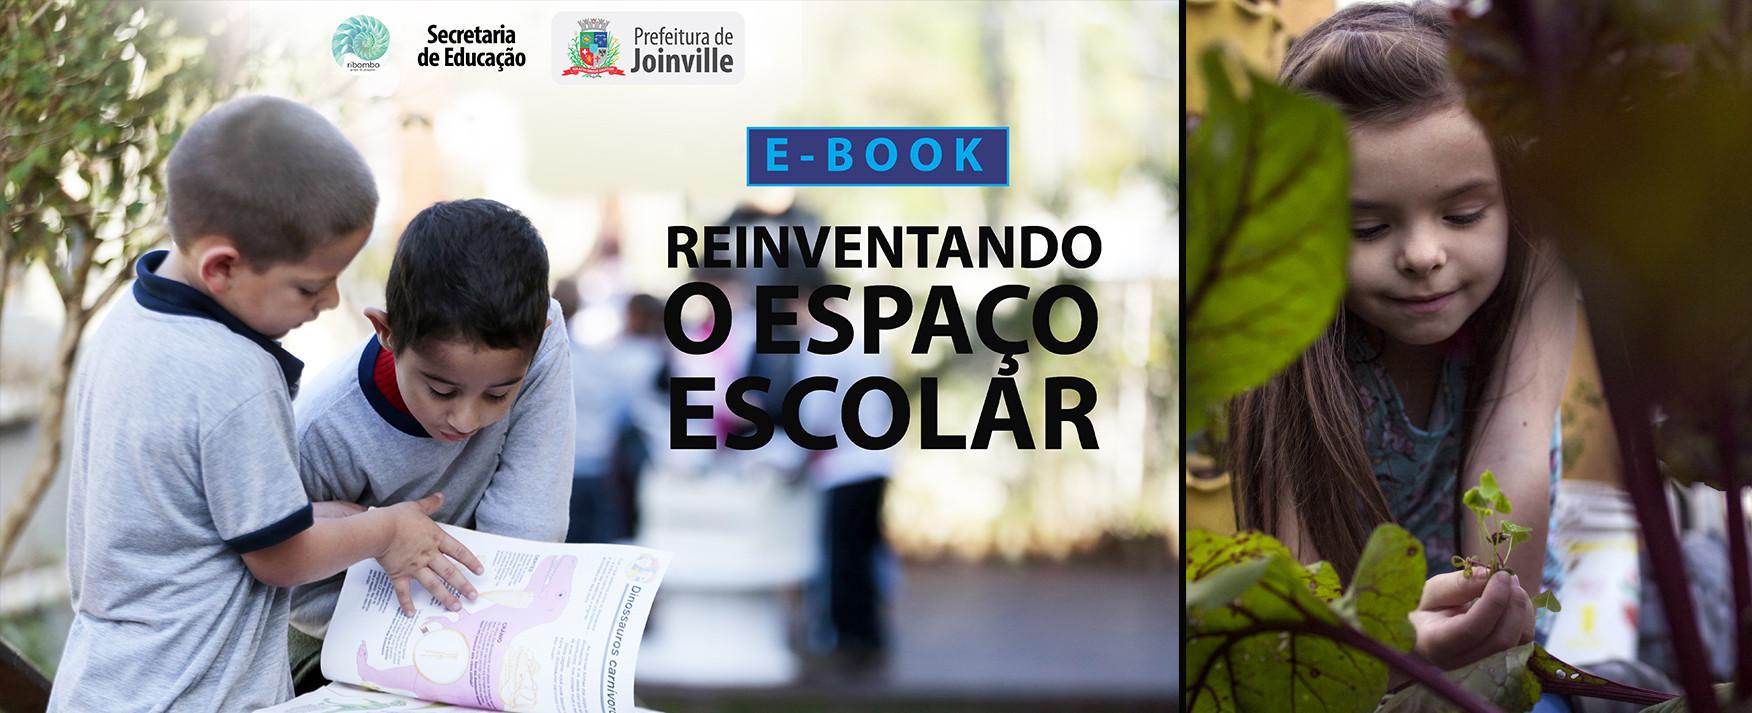 Ebook Reiventando o Espaço Escolar